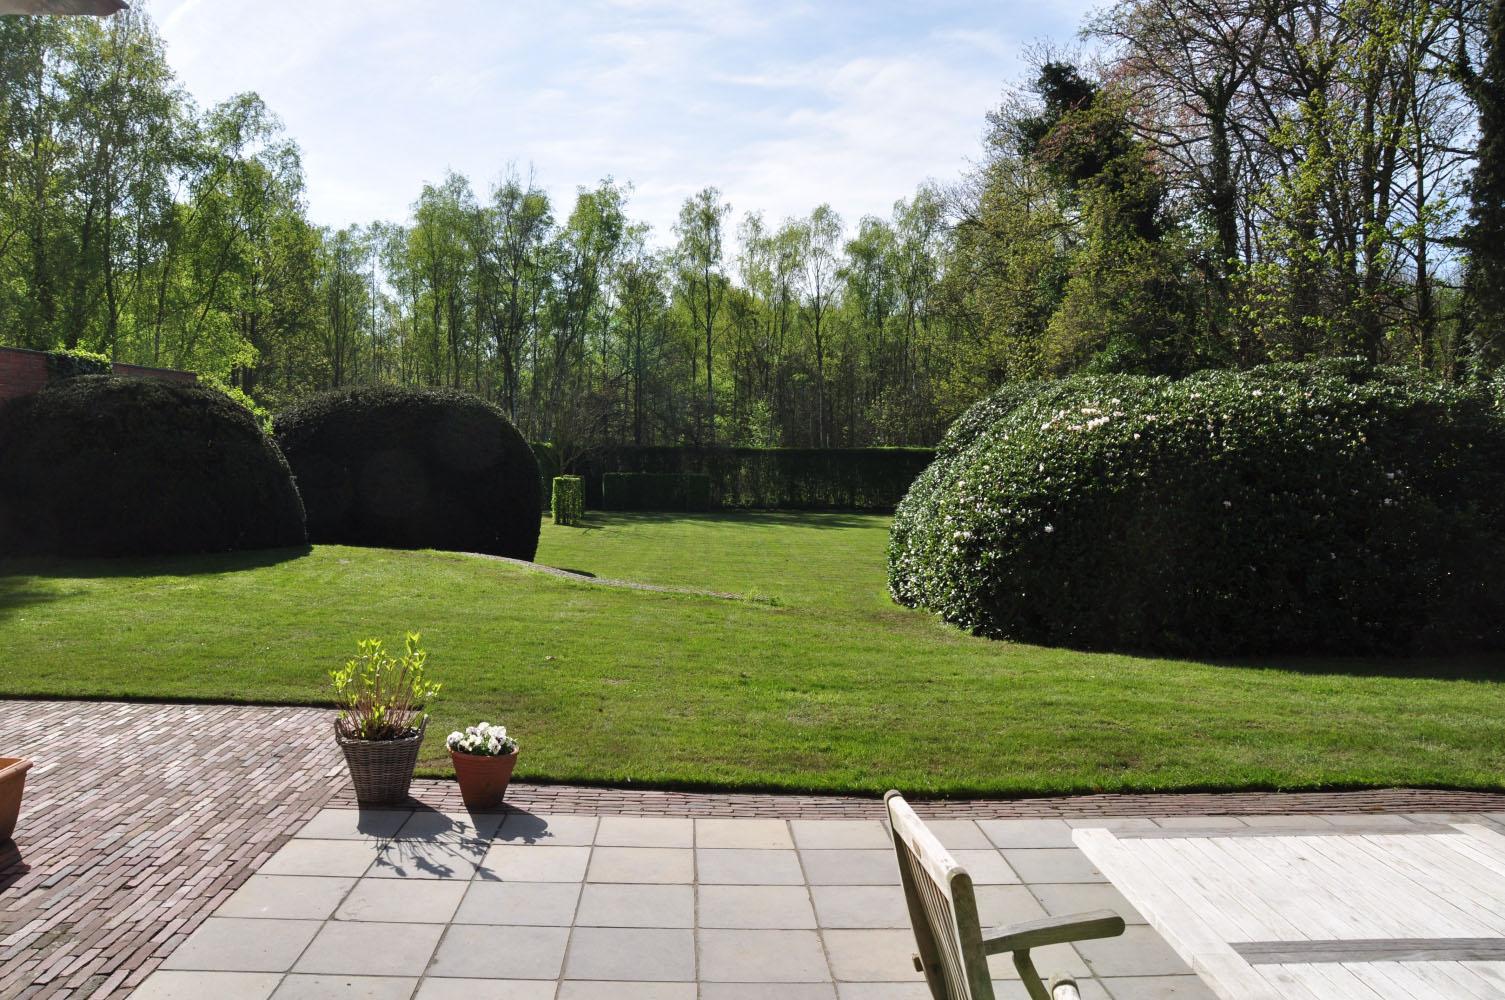 Uitzonderlijk Aanleg landelijke tuinen - Voorbeelden landelijke tuinen - Tuin @ZF99